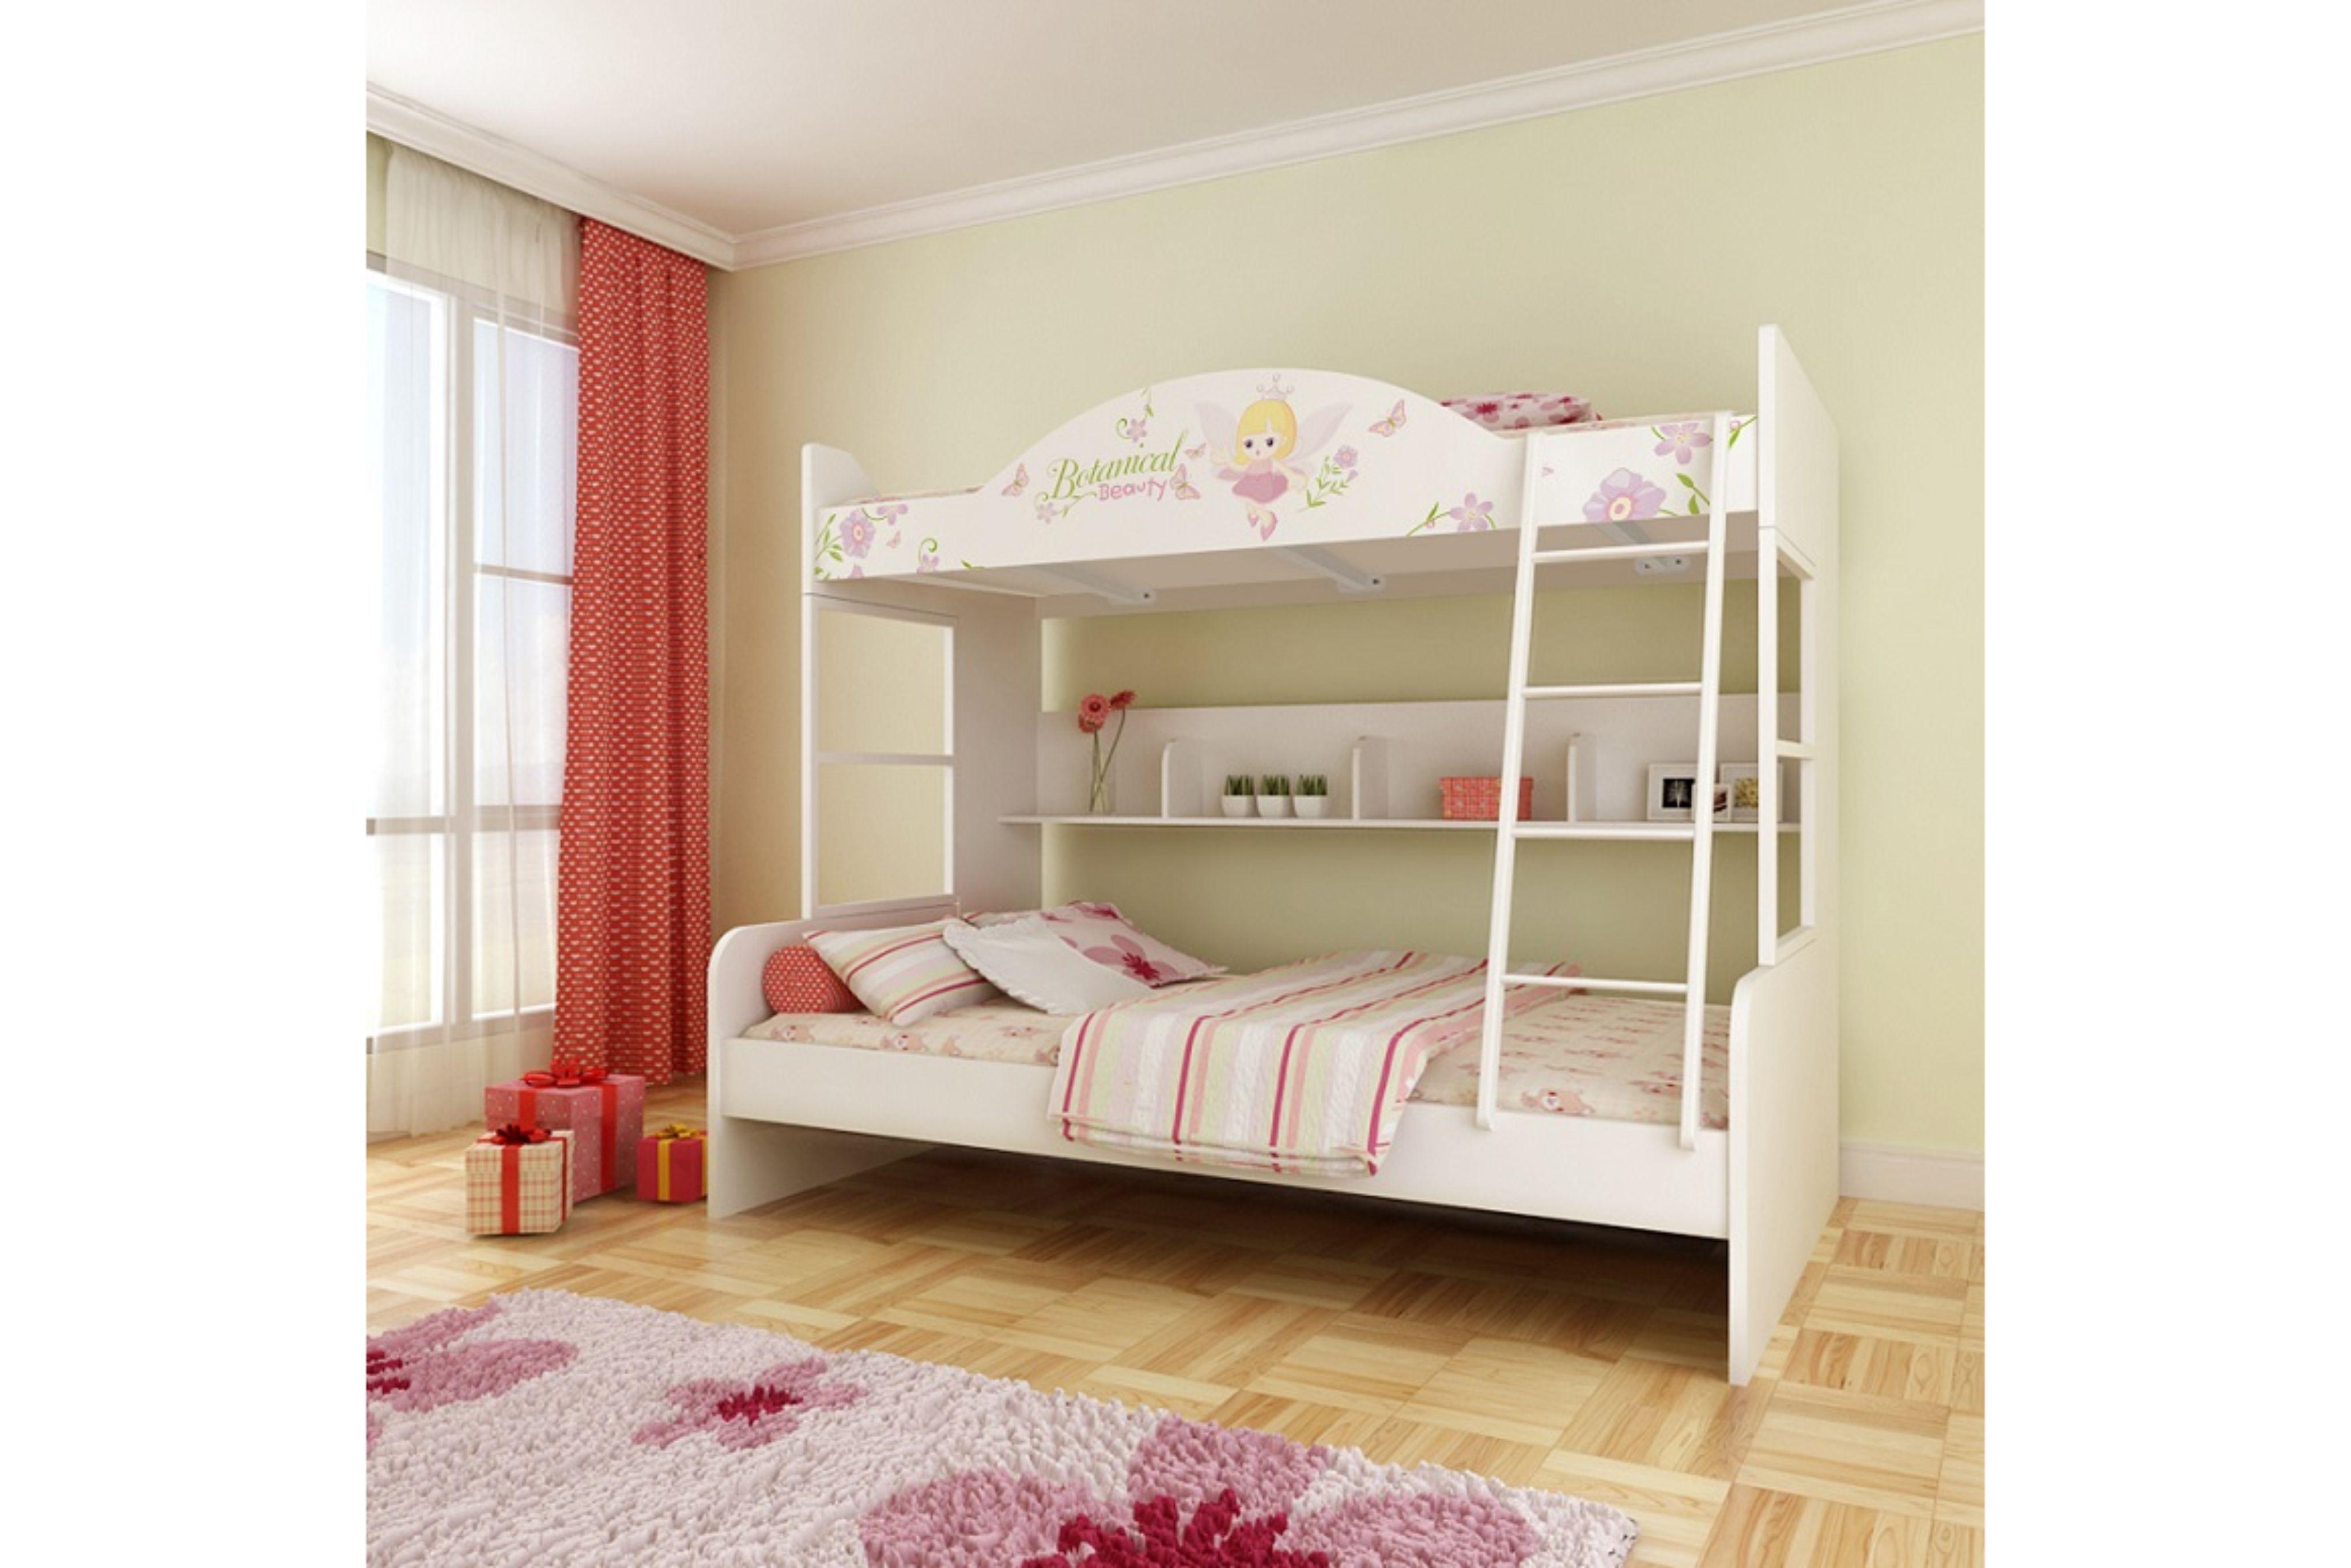 Sovrum Barn ~ Interiörinspiration och idéer för hemdesign